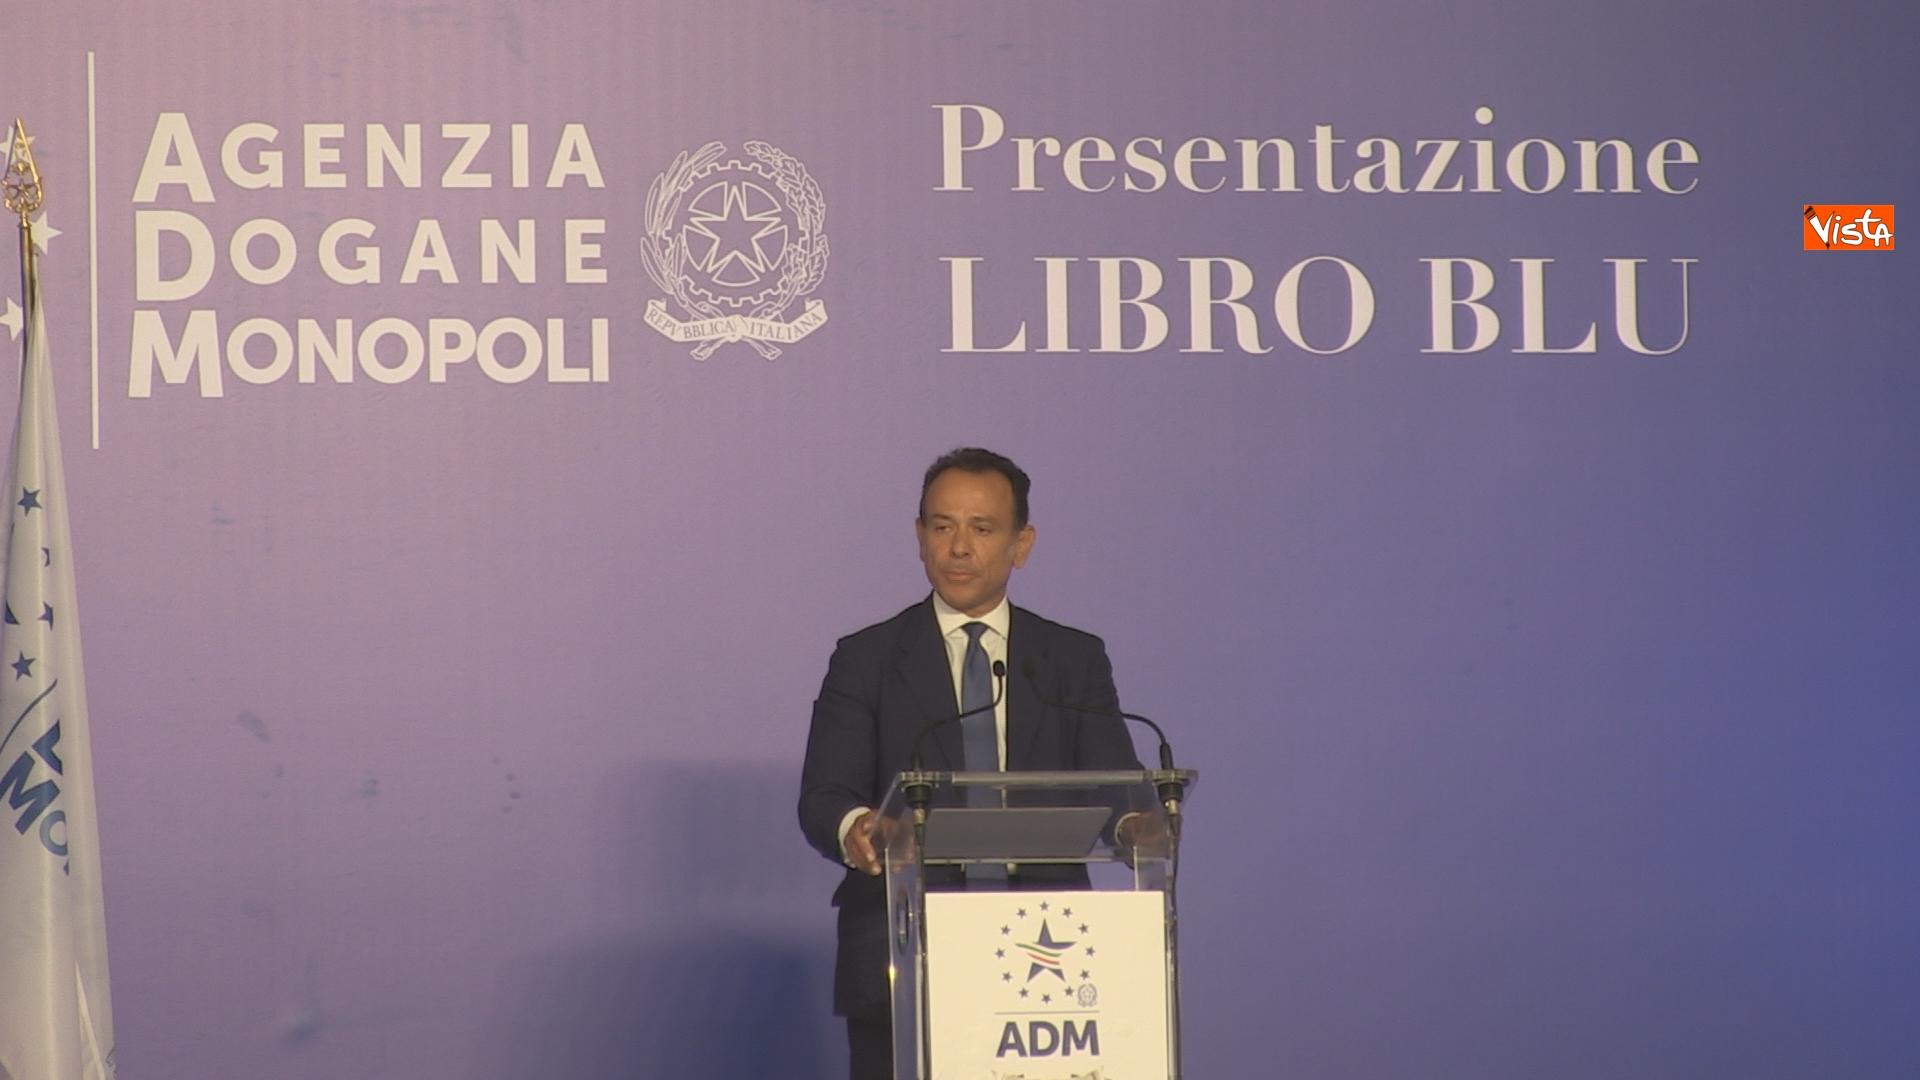 L'intervento del direttore dell'Agenzia Dogane e Monopoli Marcello Minenna